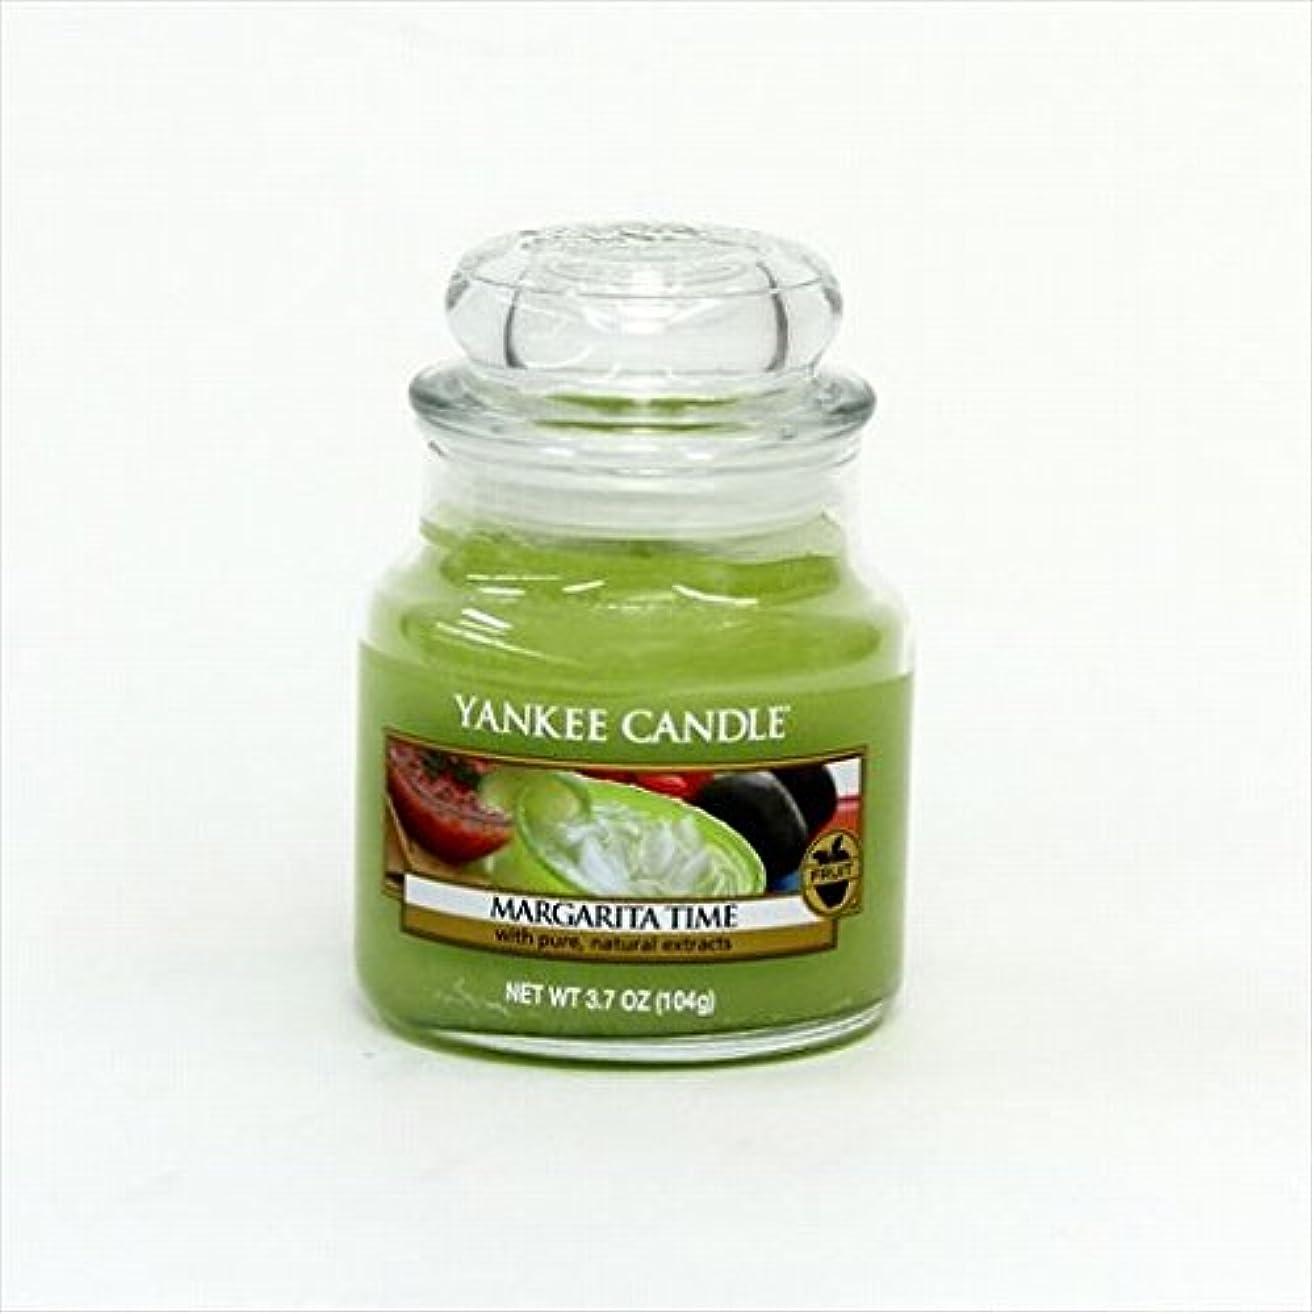 十分フレームワーク驚きカメヤマキャンドル(kameyama candle) YANKEE CANDLE ジャーS 「 マルガリータ タイム 」